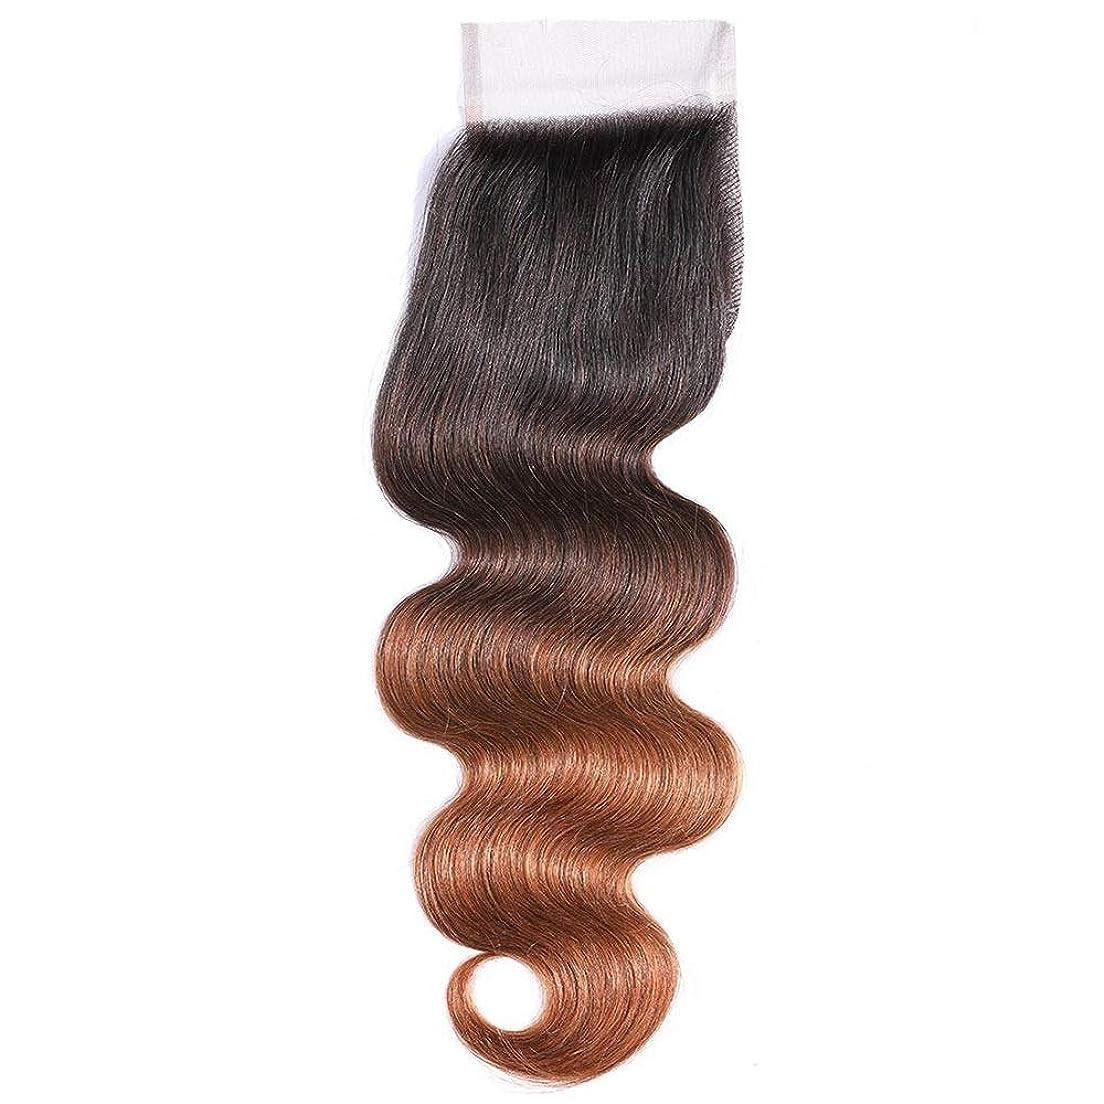 鉛質素なペルメルBOBIDYEE ブラジルのトップレース前頭閉鎖ボディウェーブ人間の髪の毛の閉鎖4 * 4インチ - ブラウン3トーン色長い巻き毛のかつらブラウンかつらへの1B / 4/30ブラック (色 : ブラウン, サイズ : 12 inch)